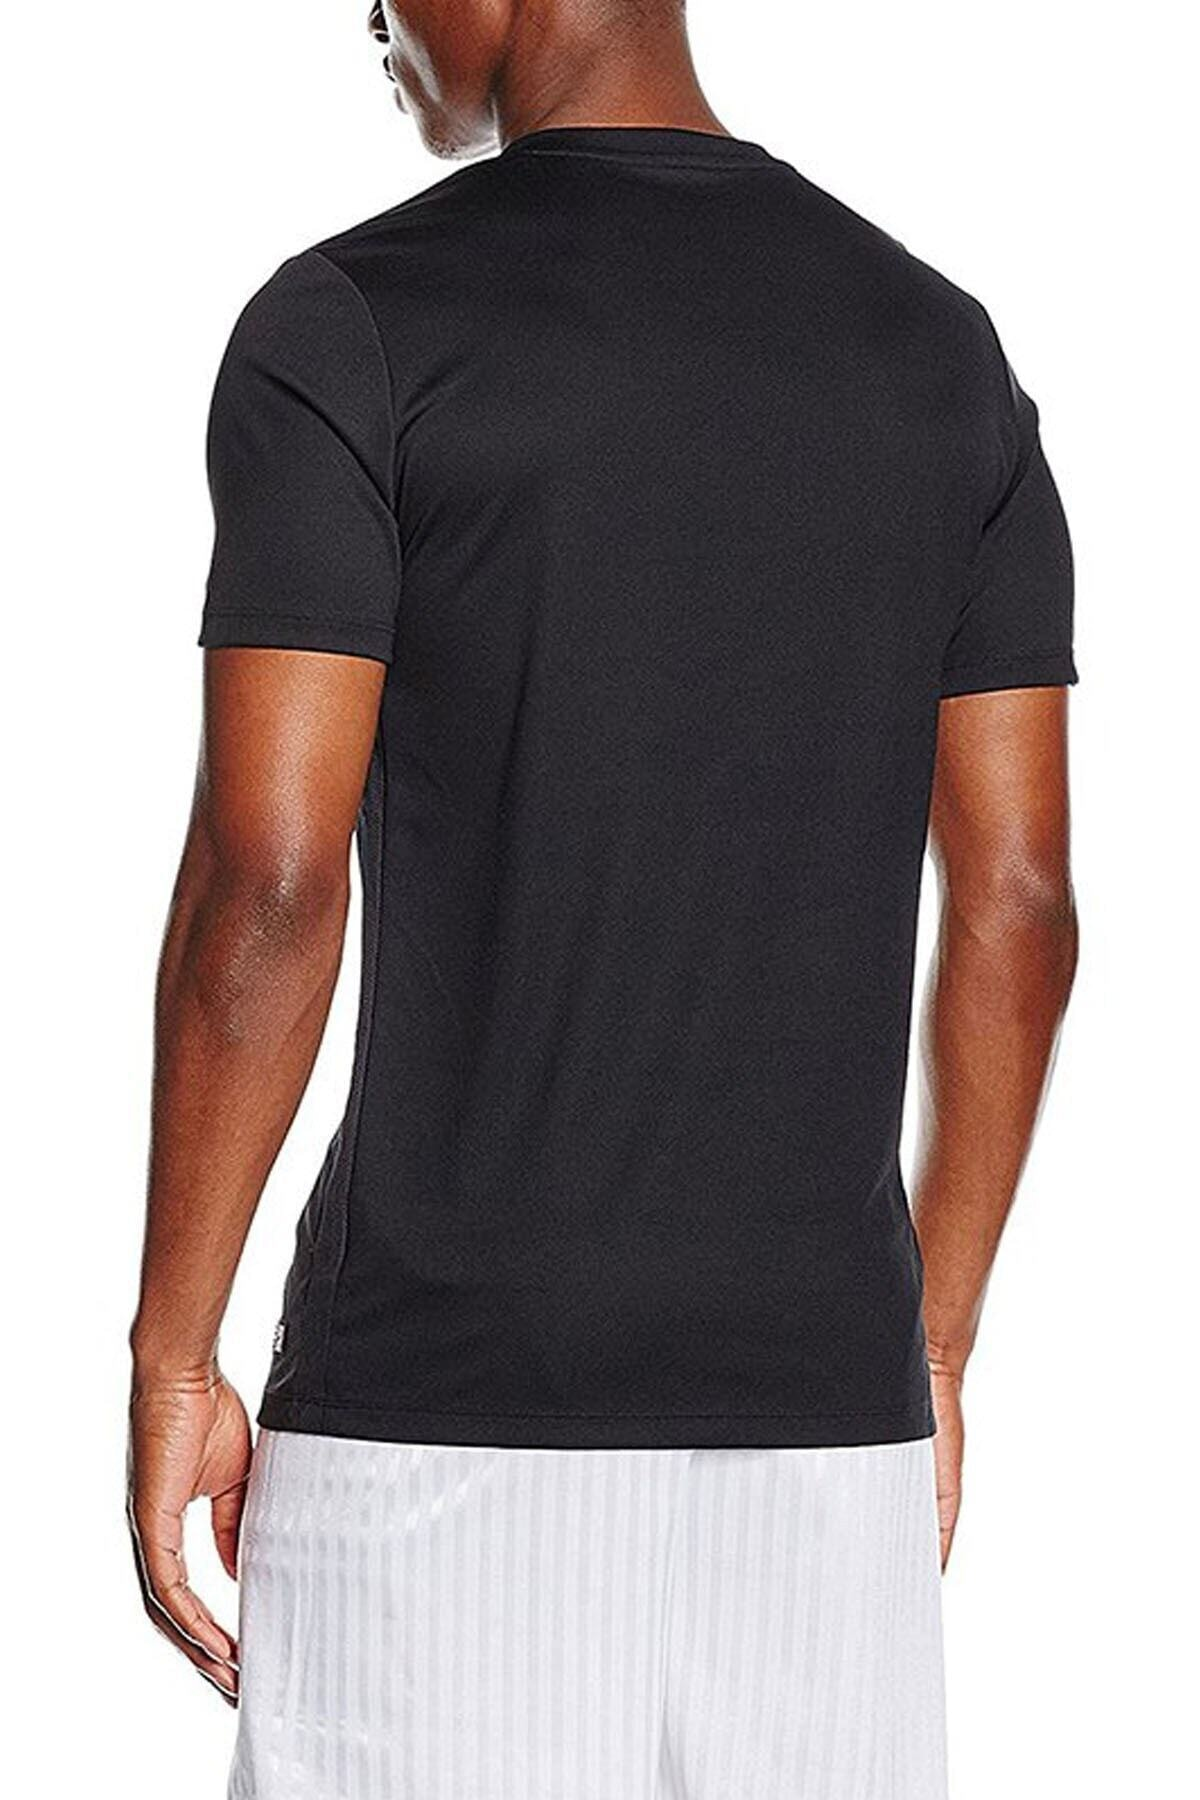 Nike Erkek T-shirt - Ss Park Vı Jsy - 725891-010 2